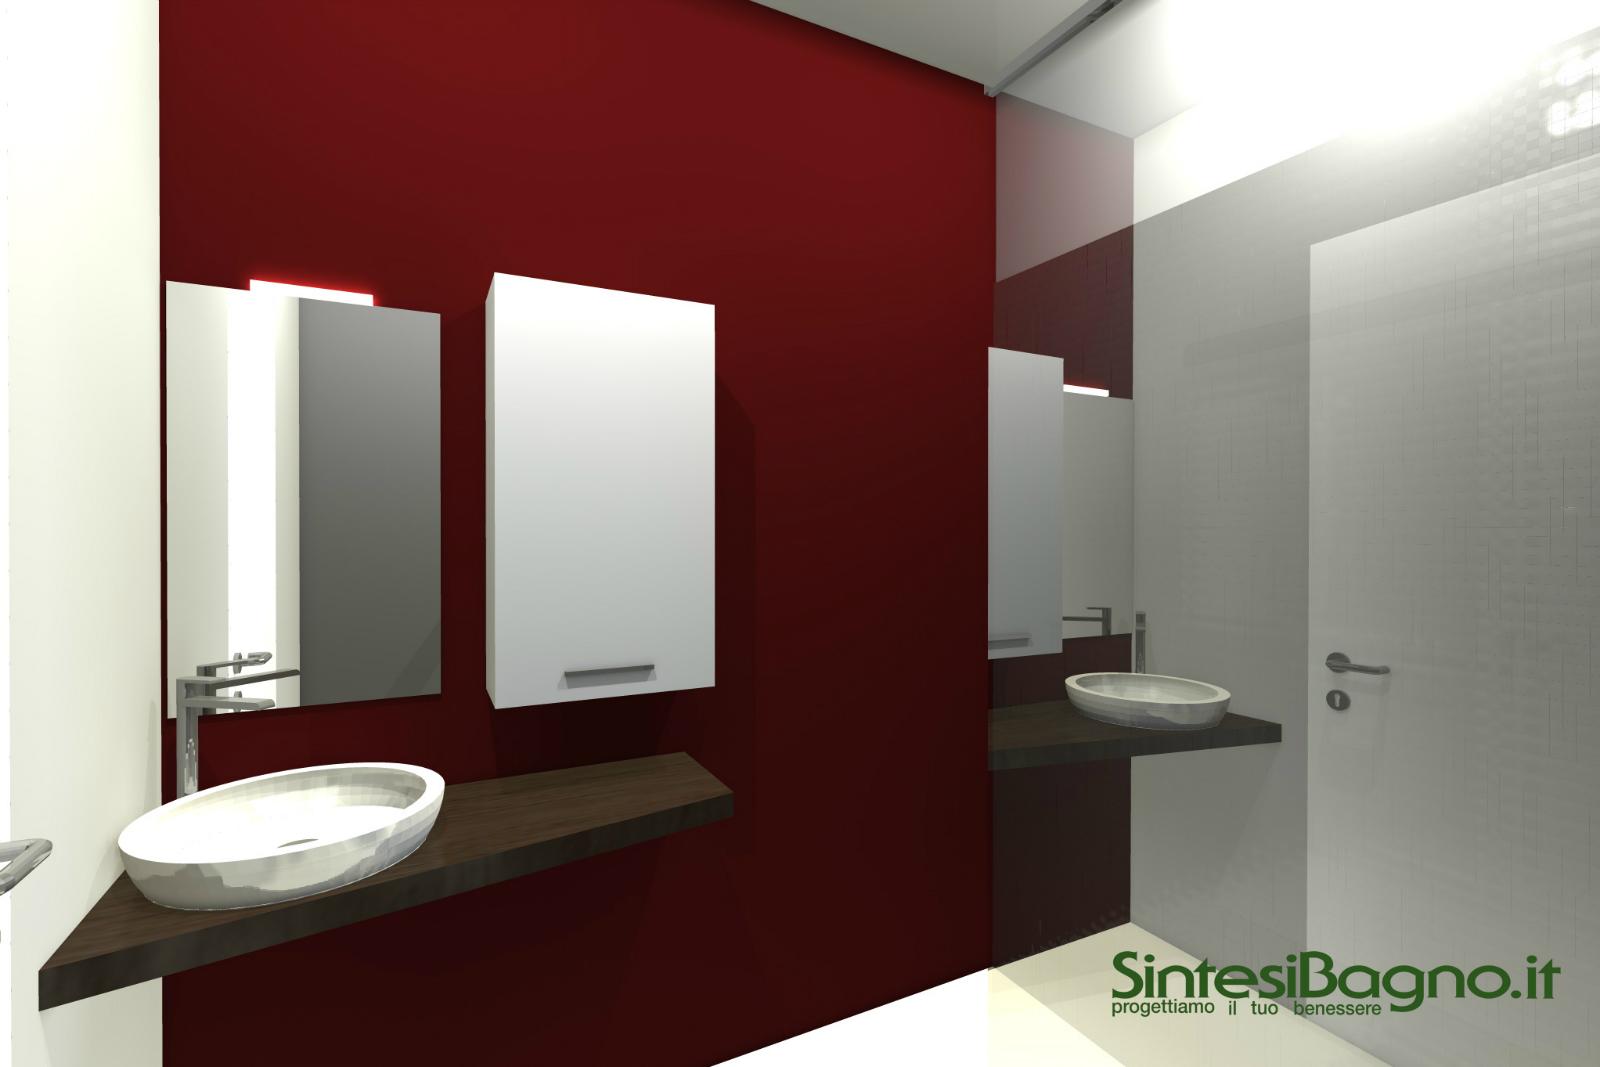 Rendering revolution progetto rendering per un bagno piccolo - Sintesi bagno verbania ...